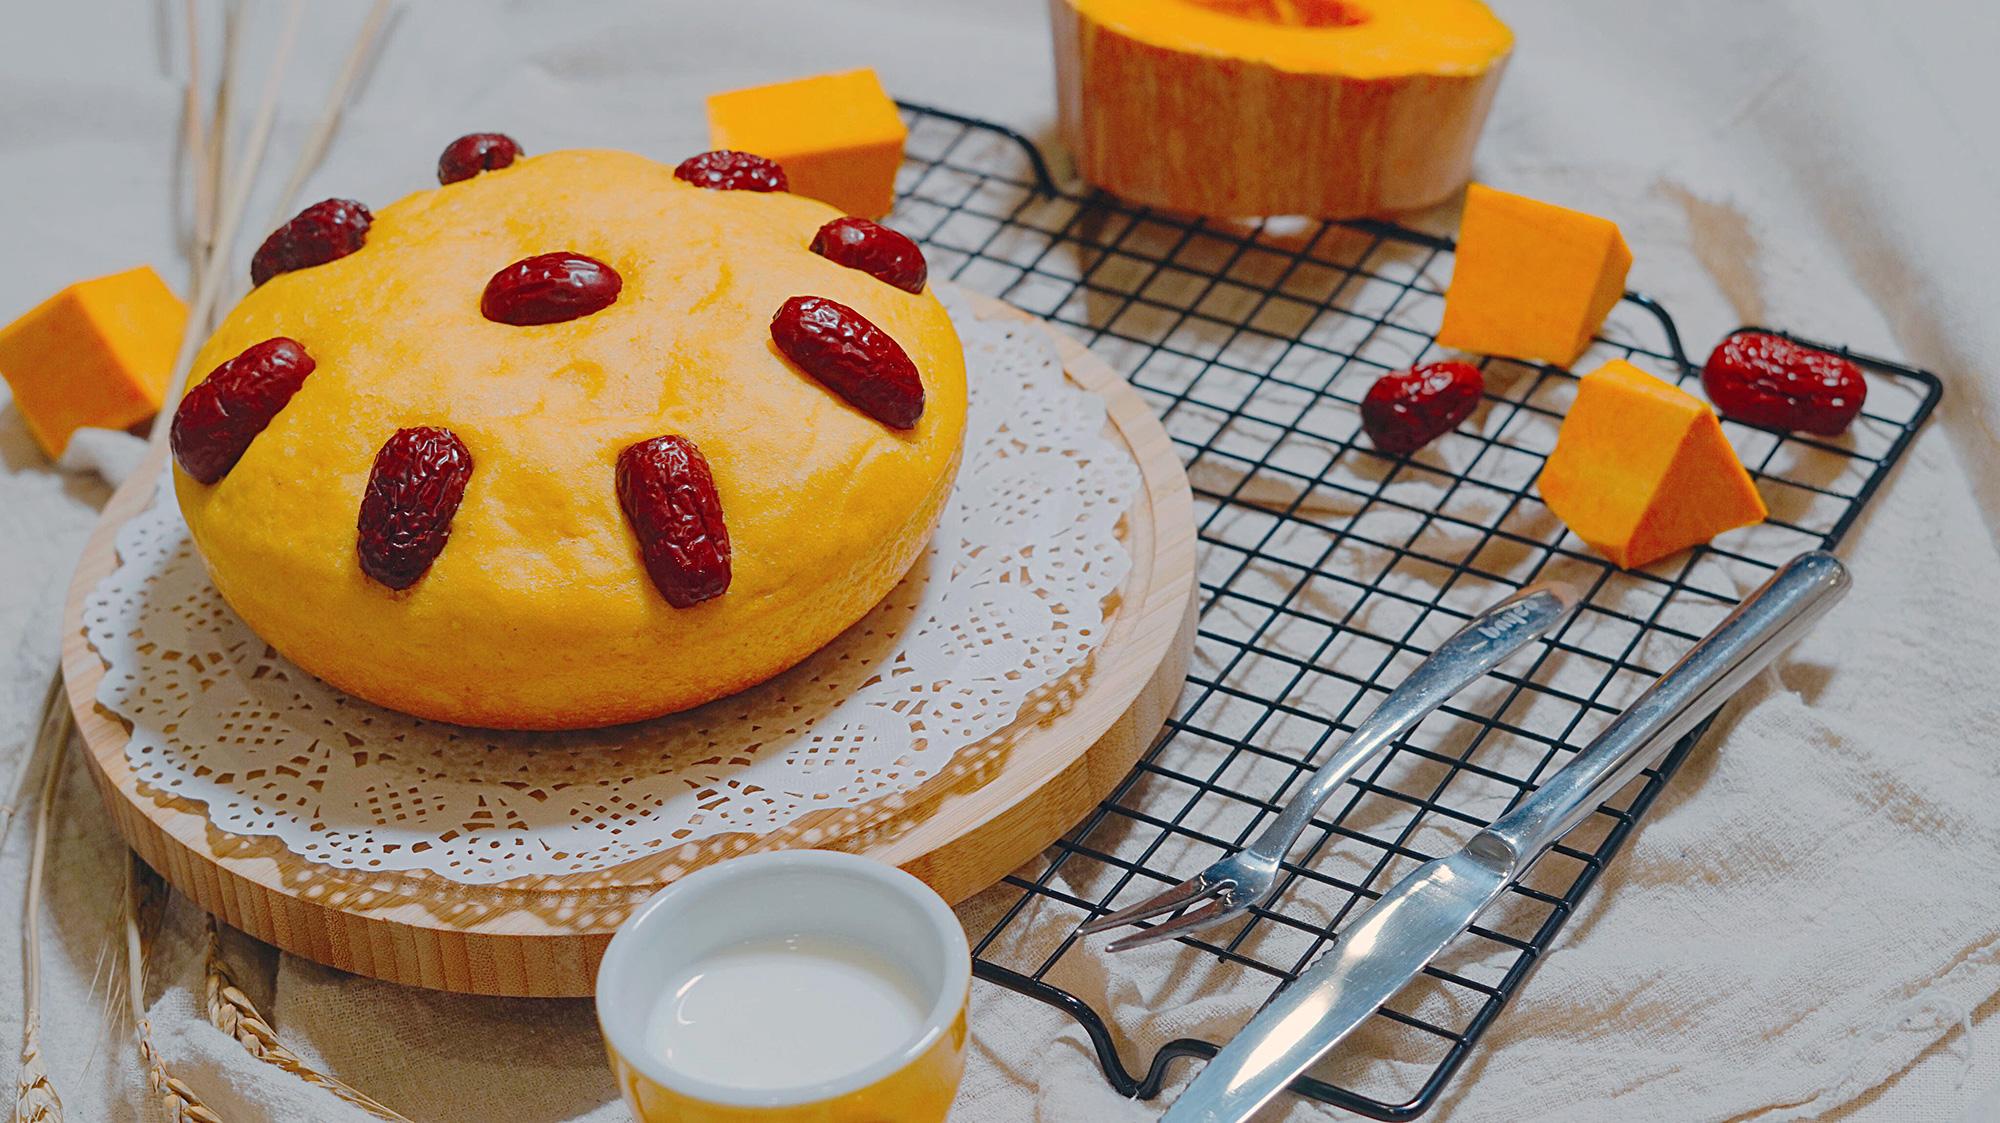 南瓜发糕的做法_【图解】南瓜发糕怎么做如何做好吃